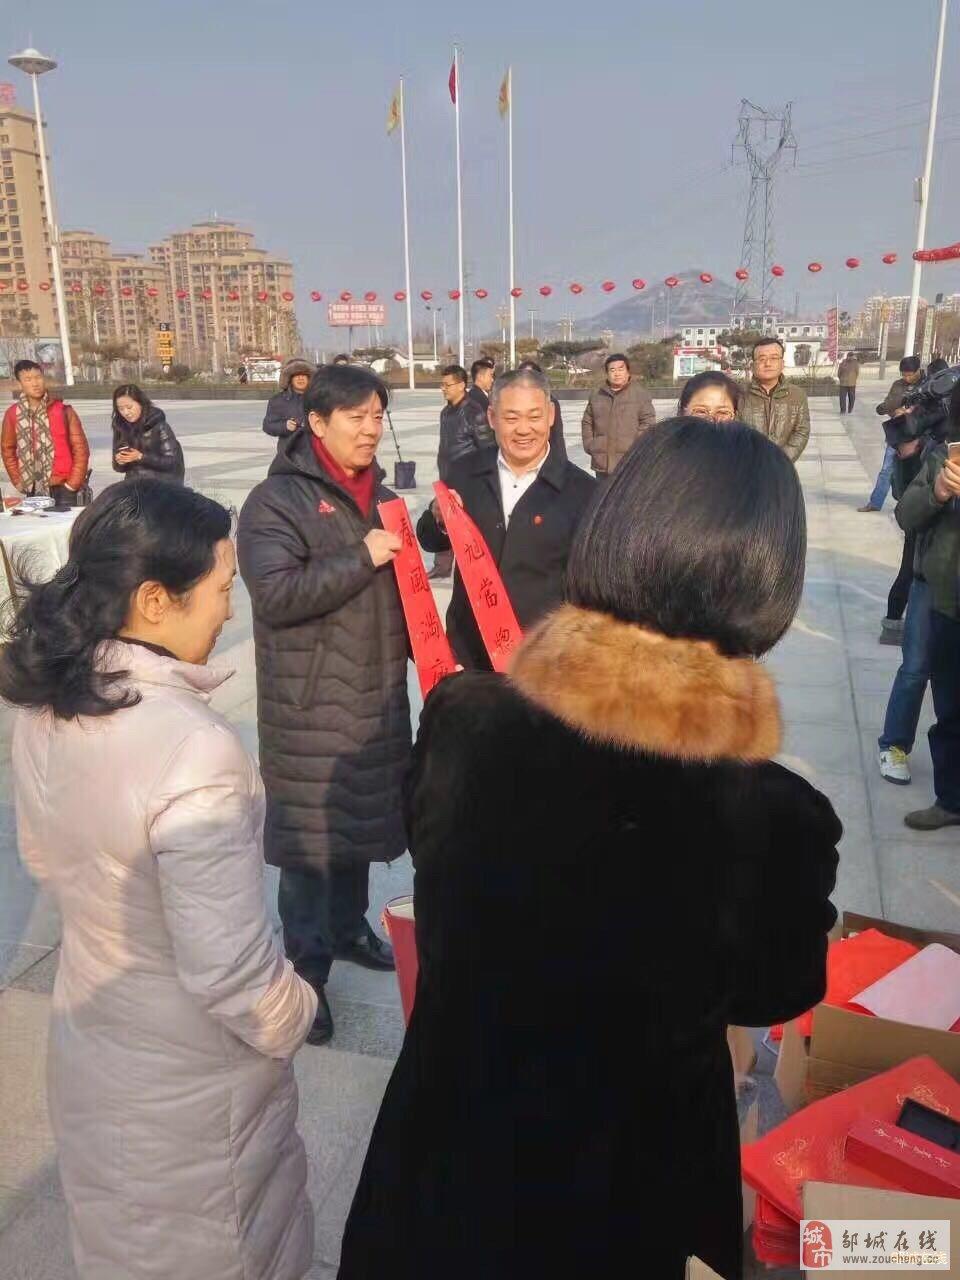 中国书法院院长管峻等书法大家们来邹城送春联啦!